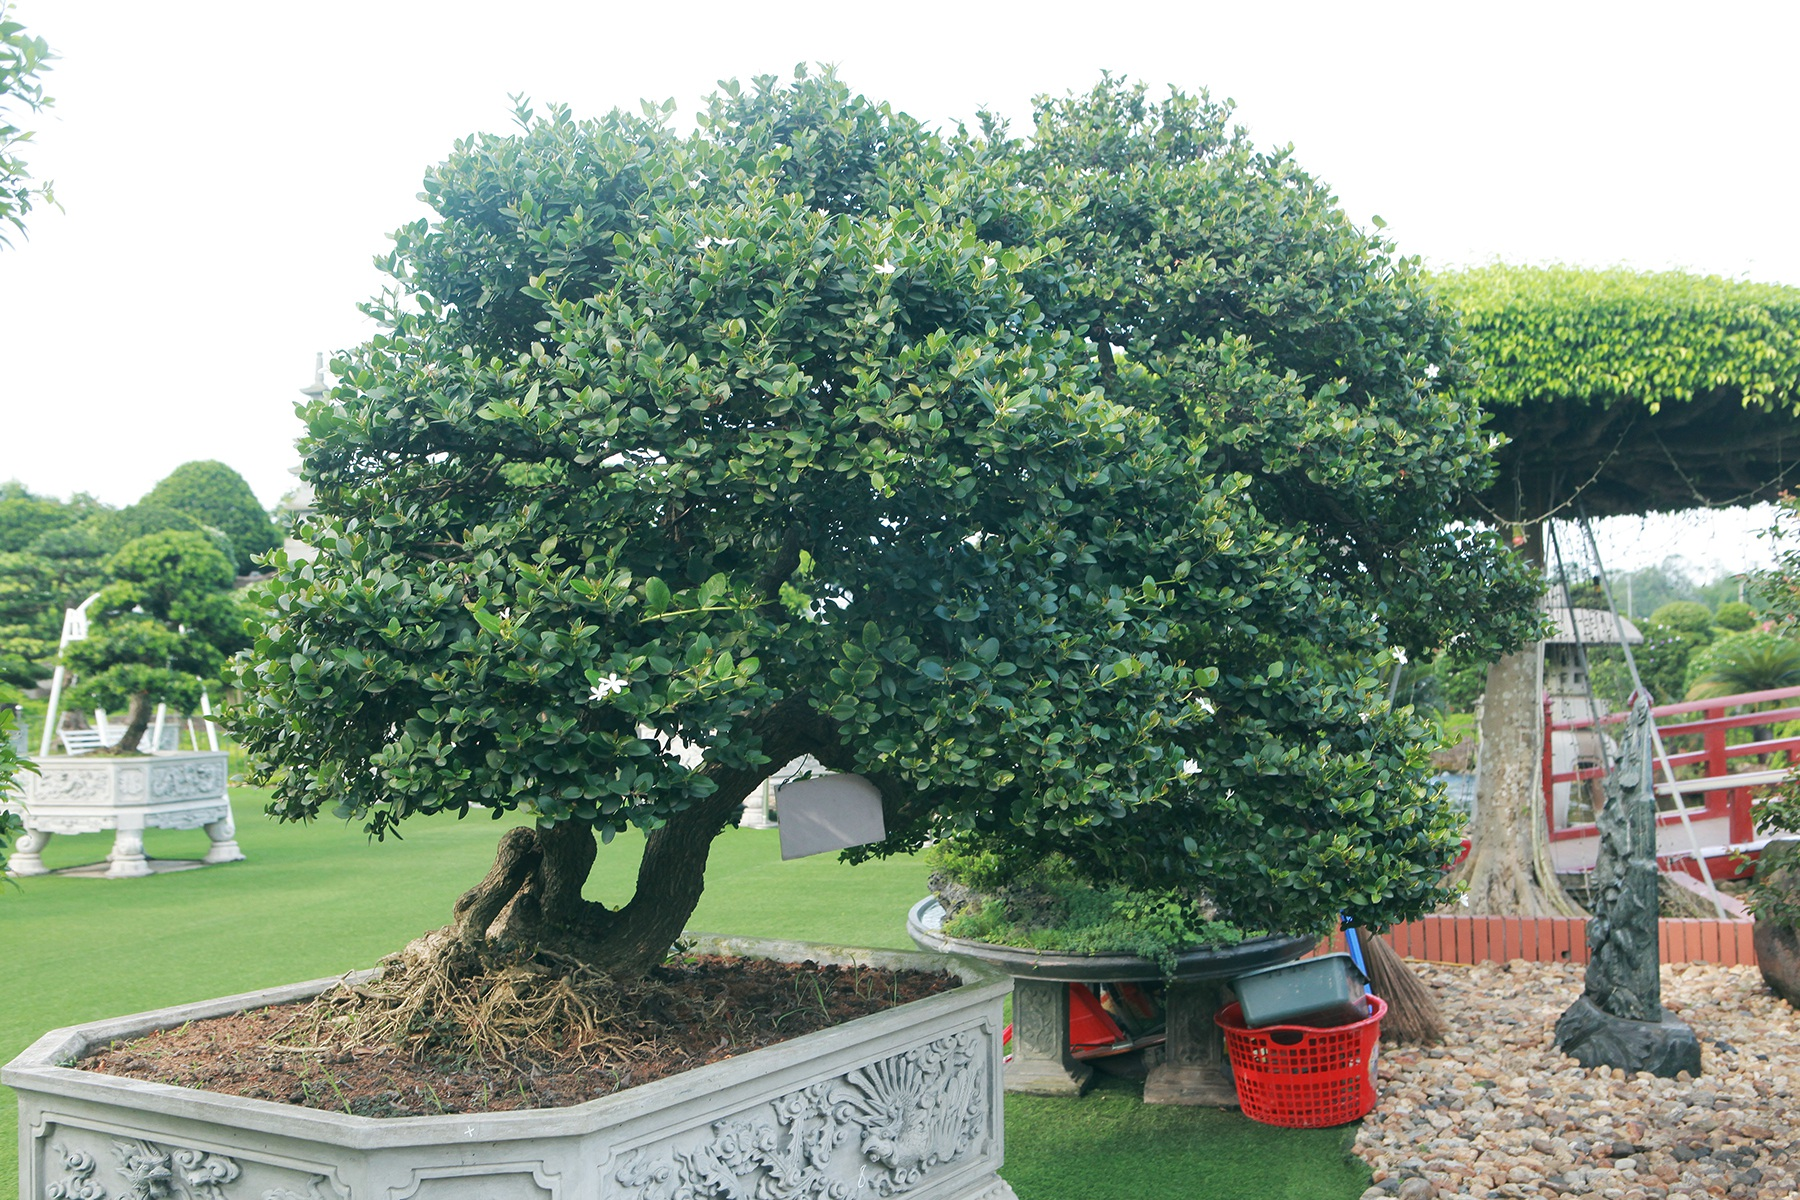 """Dàn sơ ri bonsai cổ thụ, trĩu quả giá tiền tỷ của """"tướng cướp hoàn lương"""" - 3"""